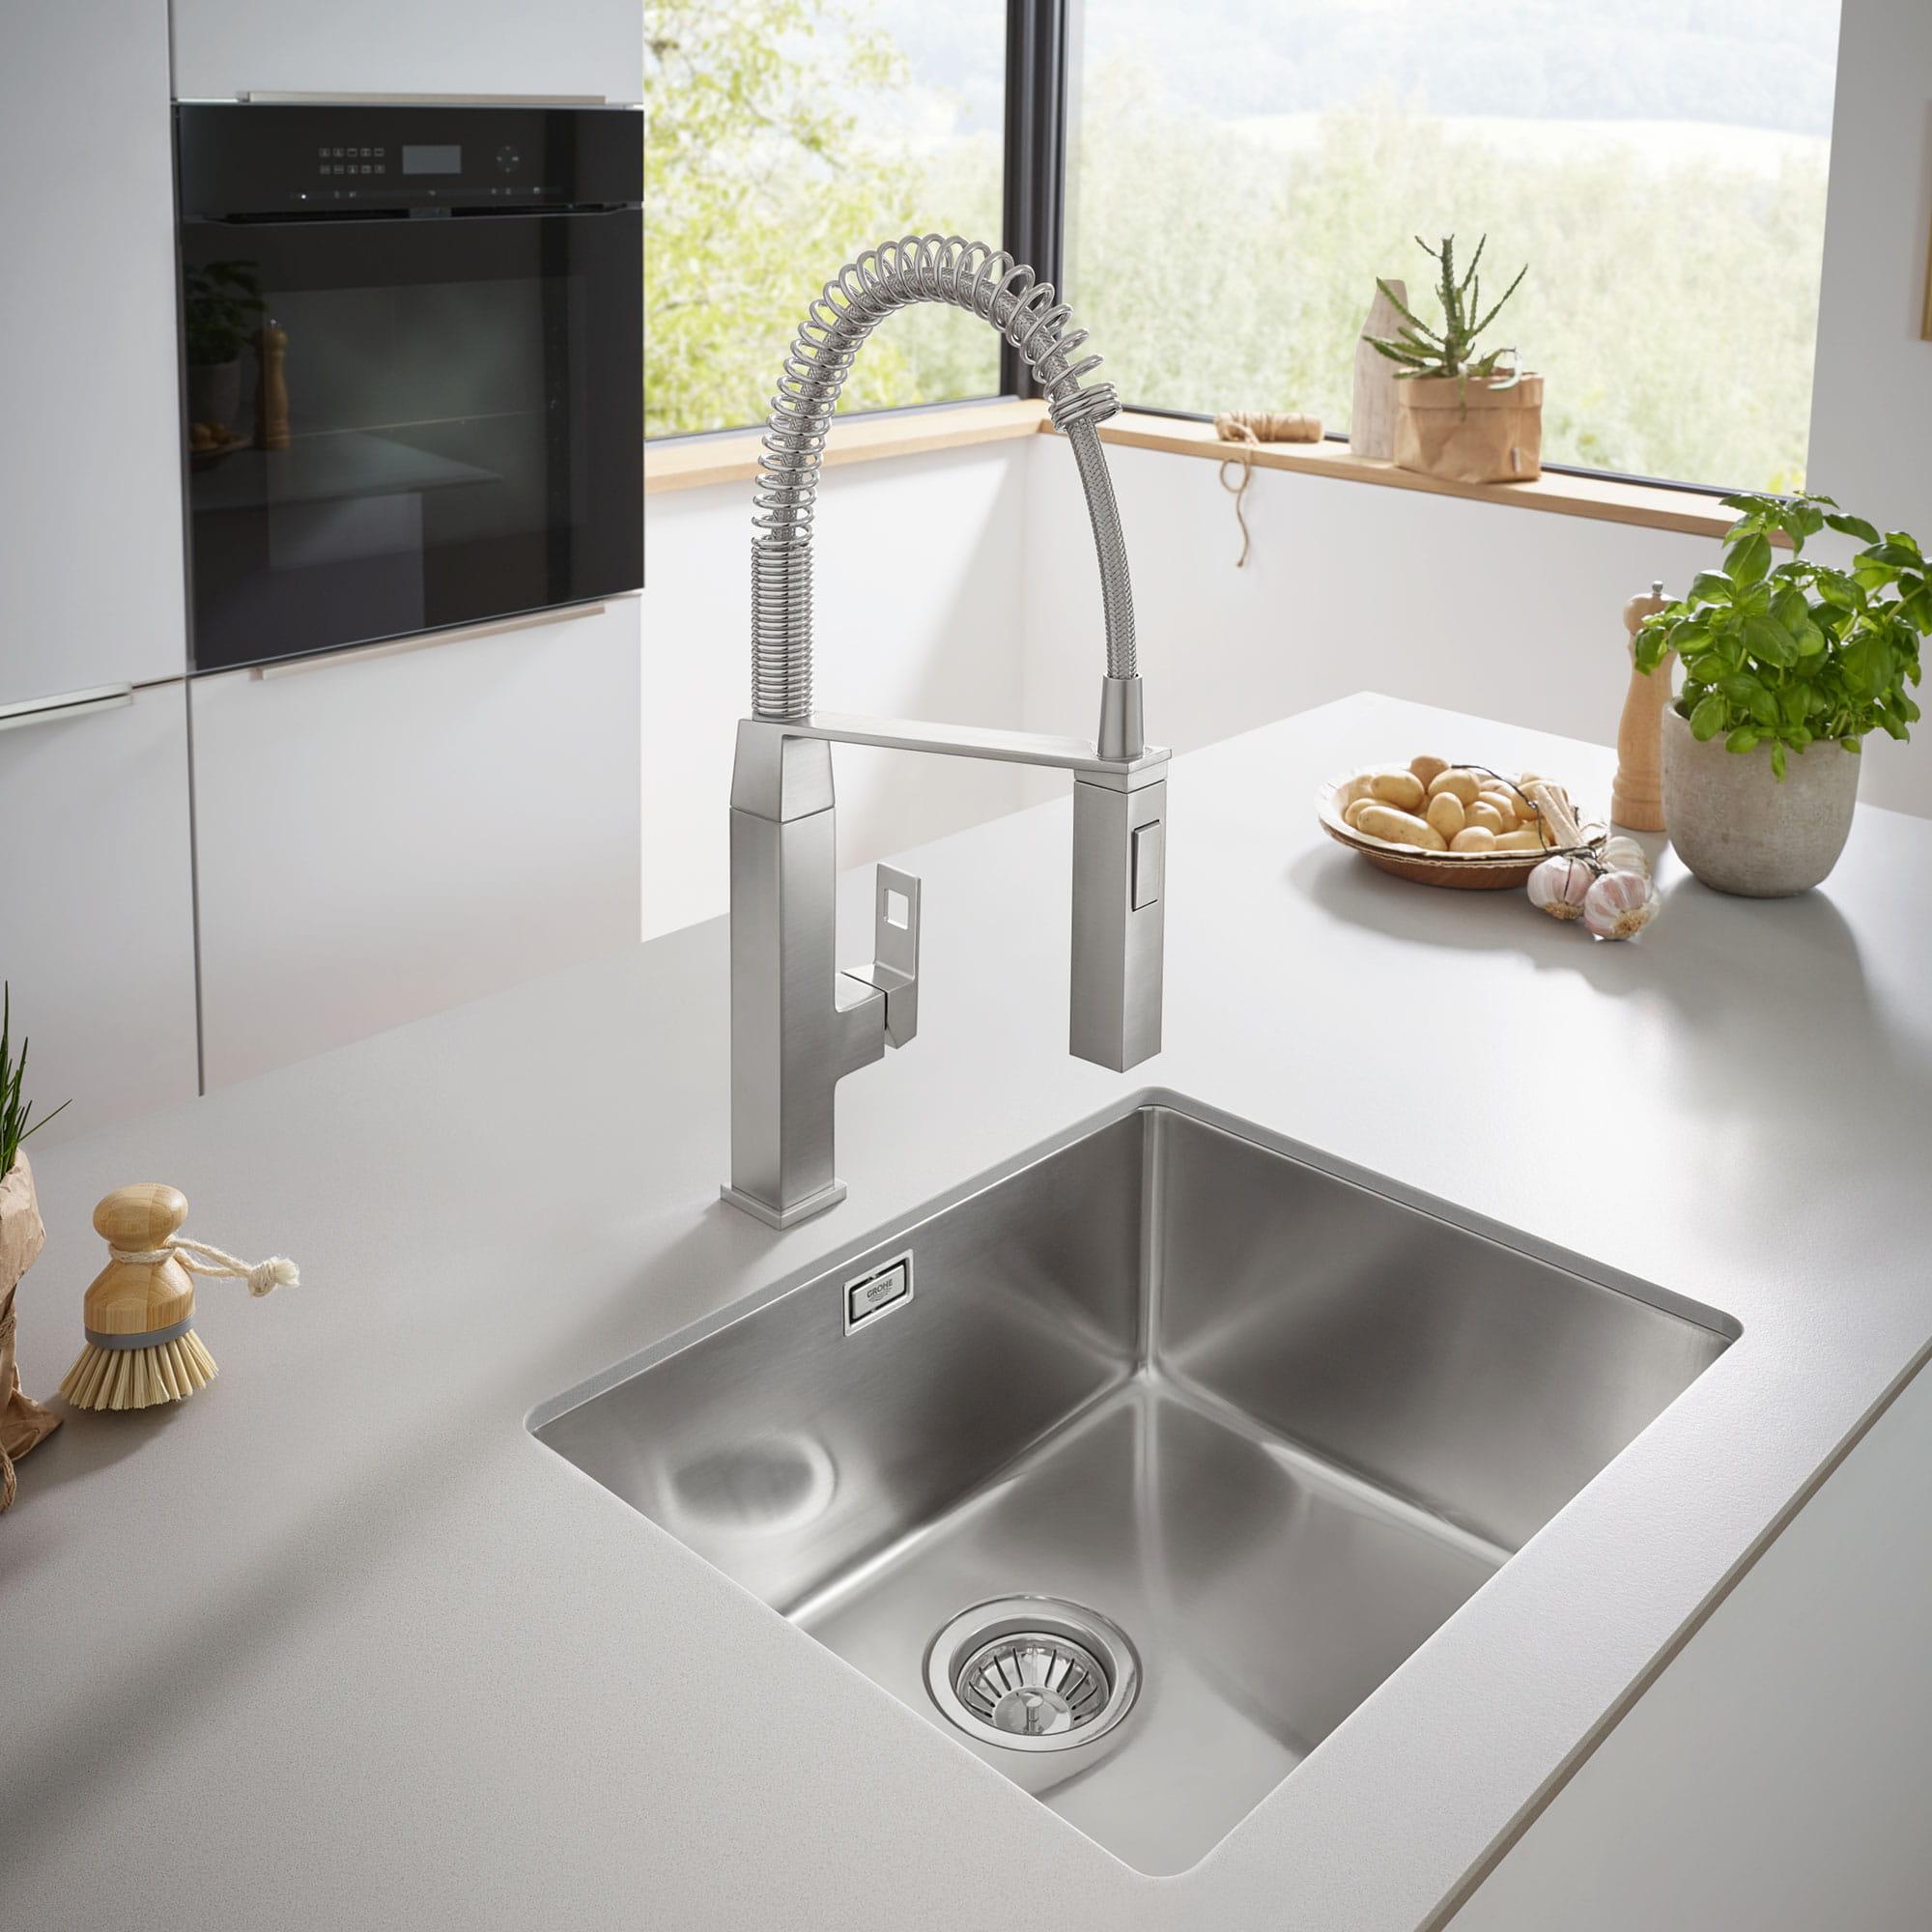 Eurocube robinet de cuisine